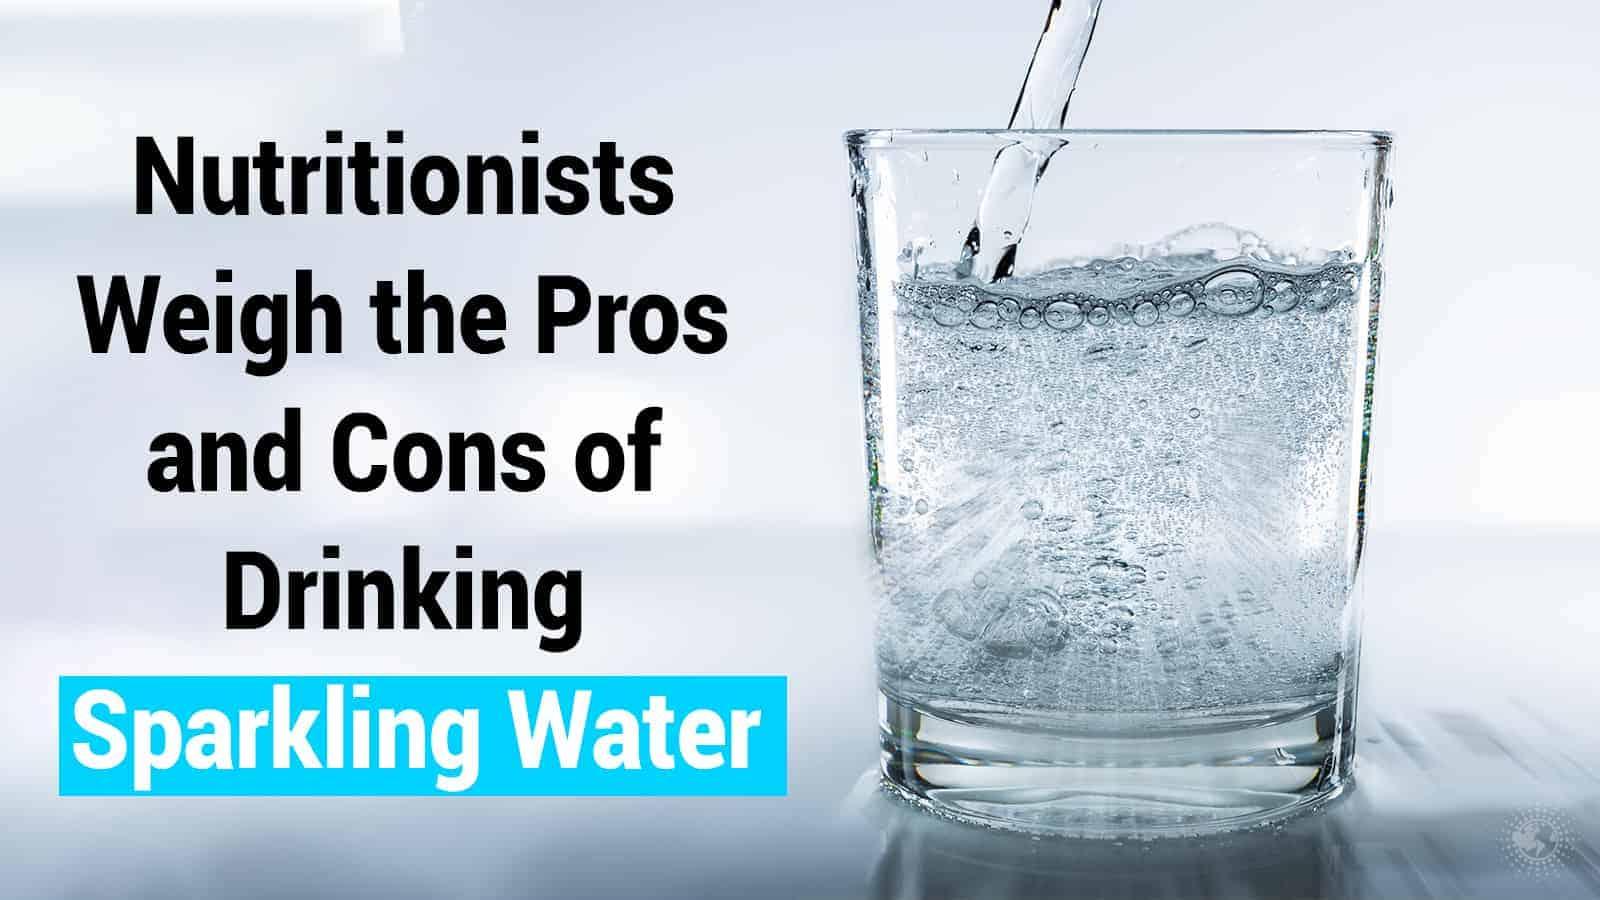 sparkling water bland diet